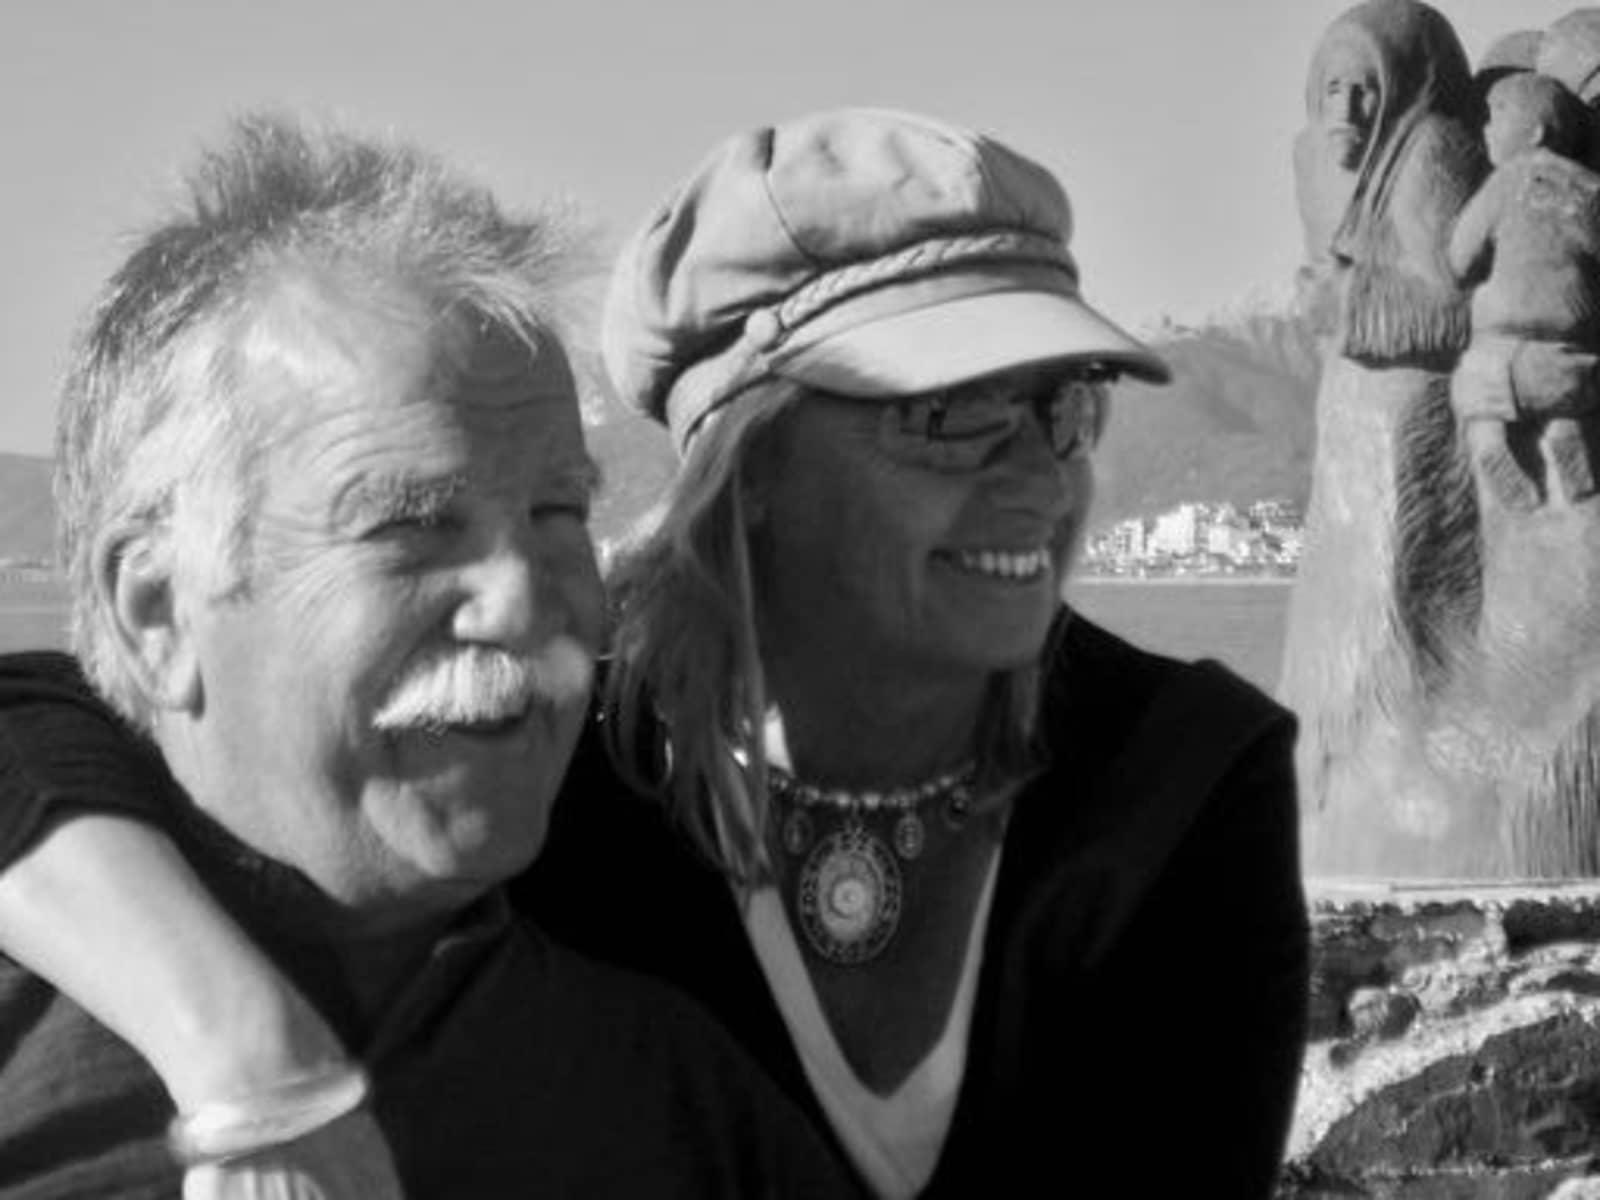 Debra & Geoff from Kingscliff, New South Wales, Australia